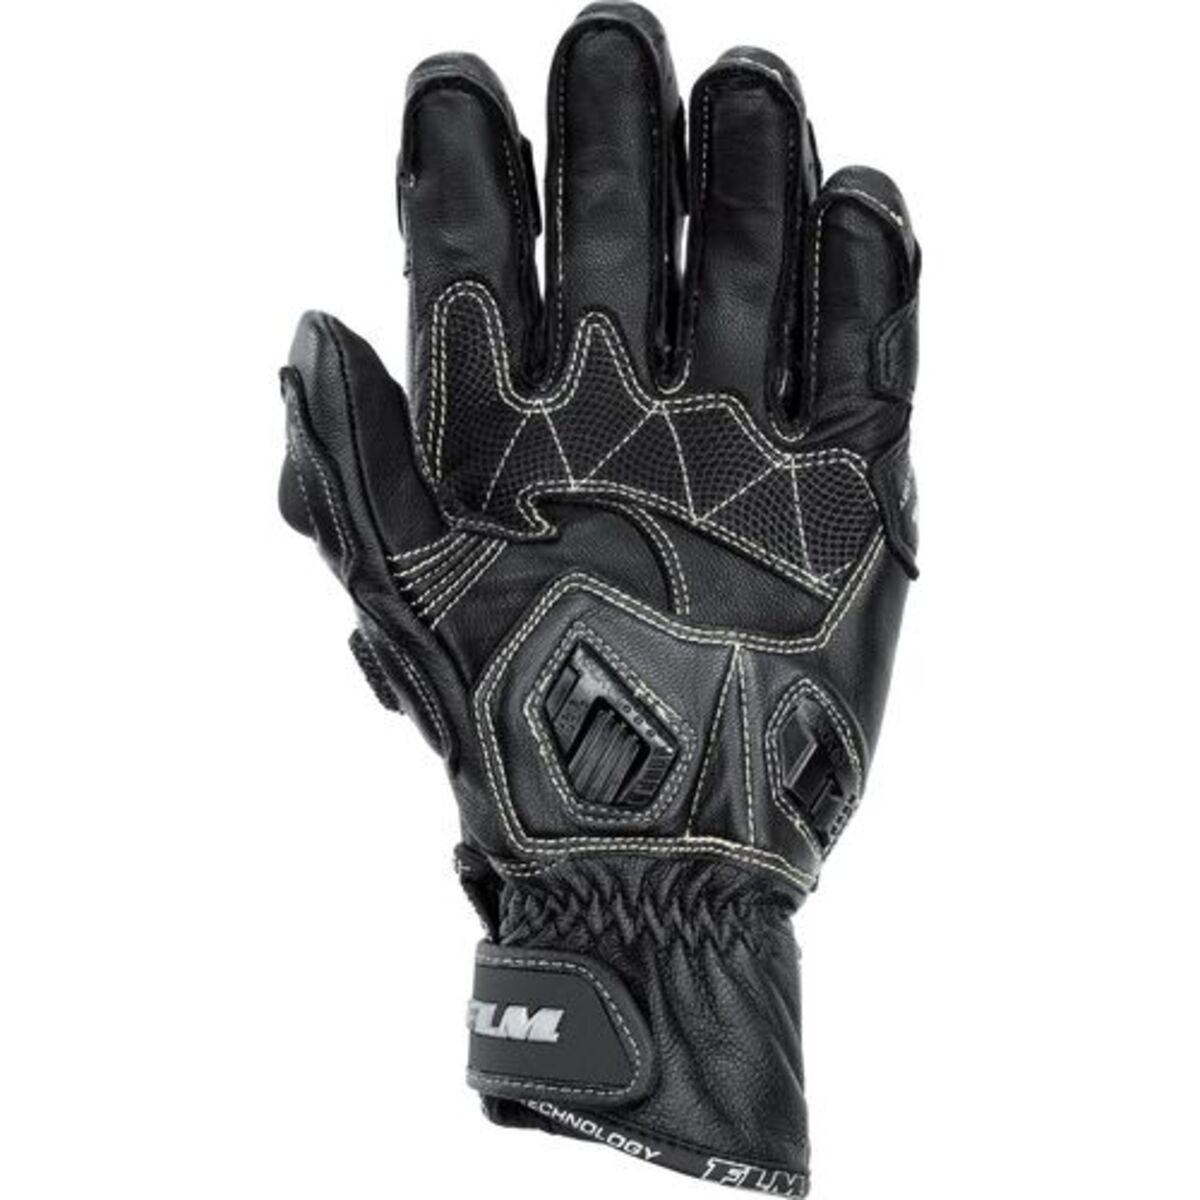 Bild 2 von FLM            Sports Lederhandschuh 2.0 kurz schwarz